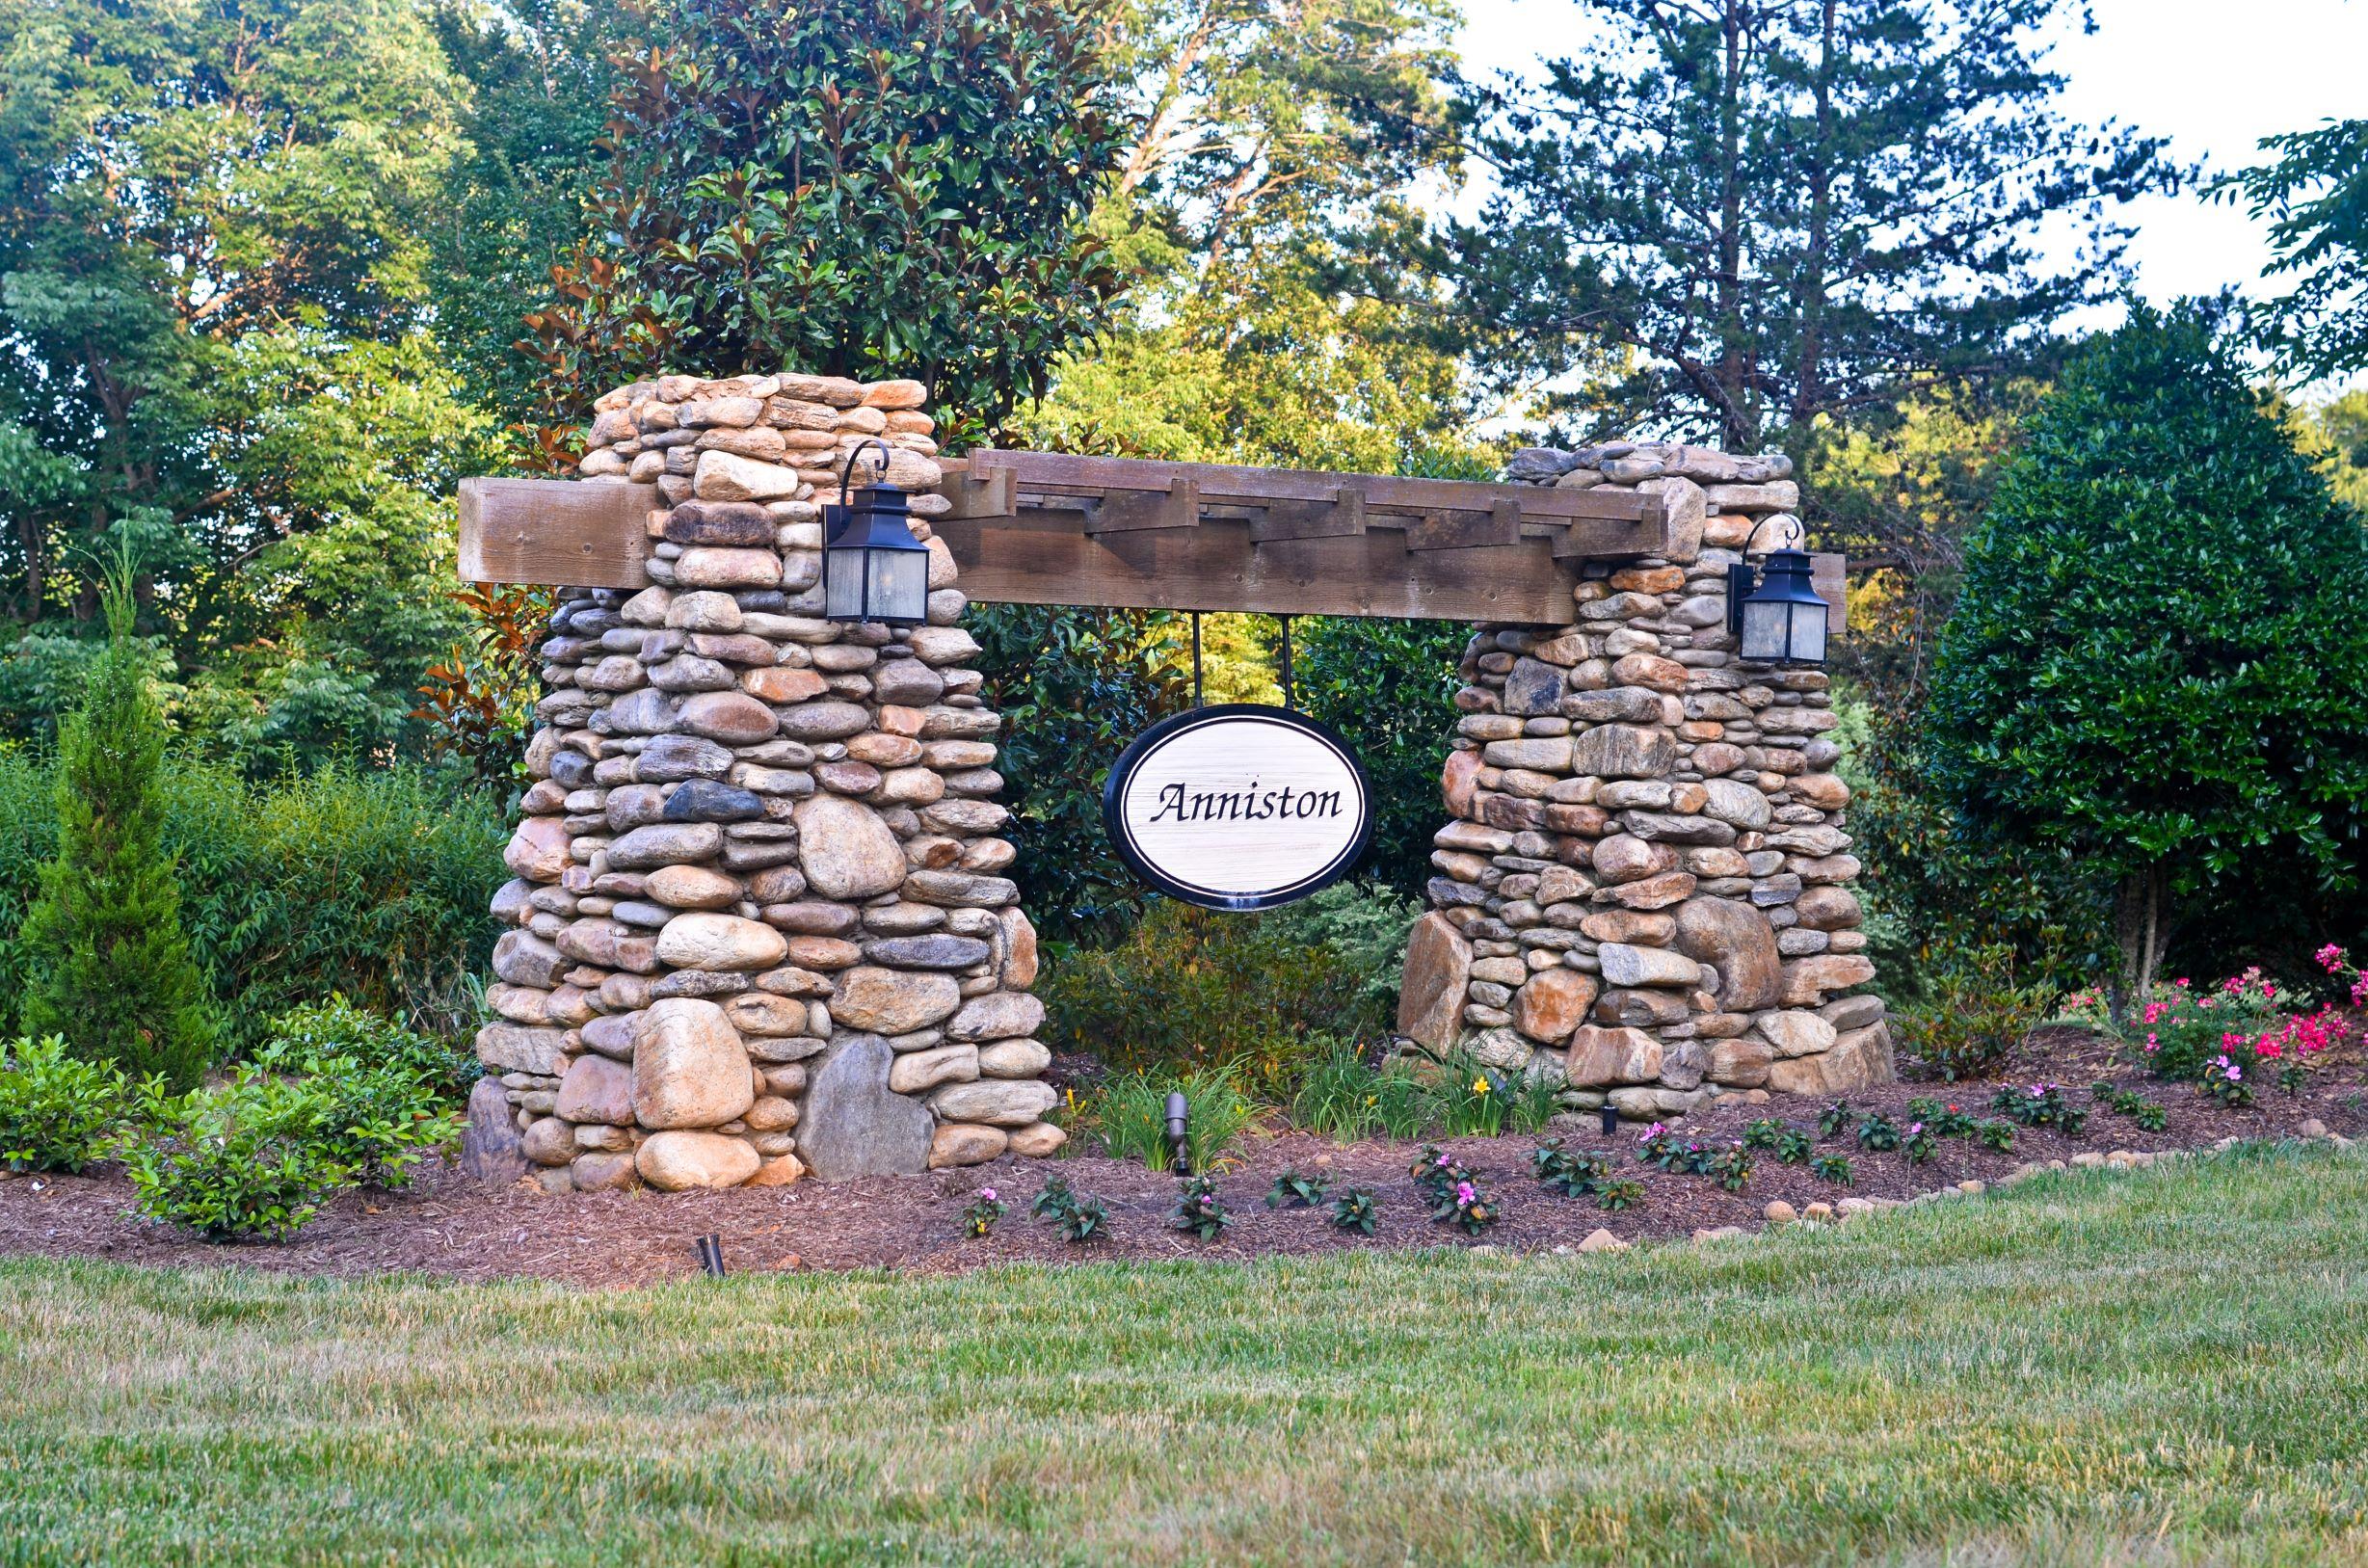 Anniston sign